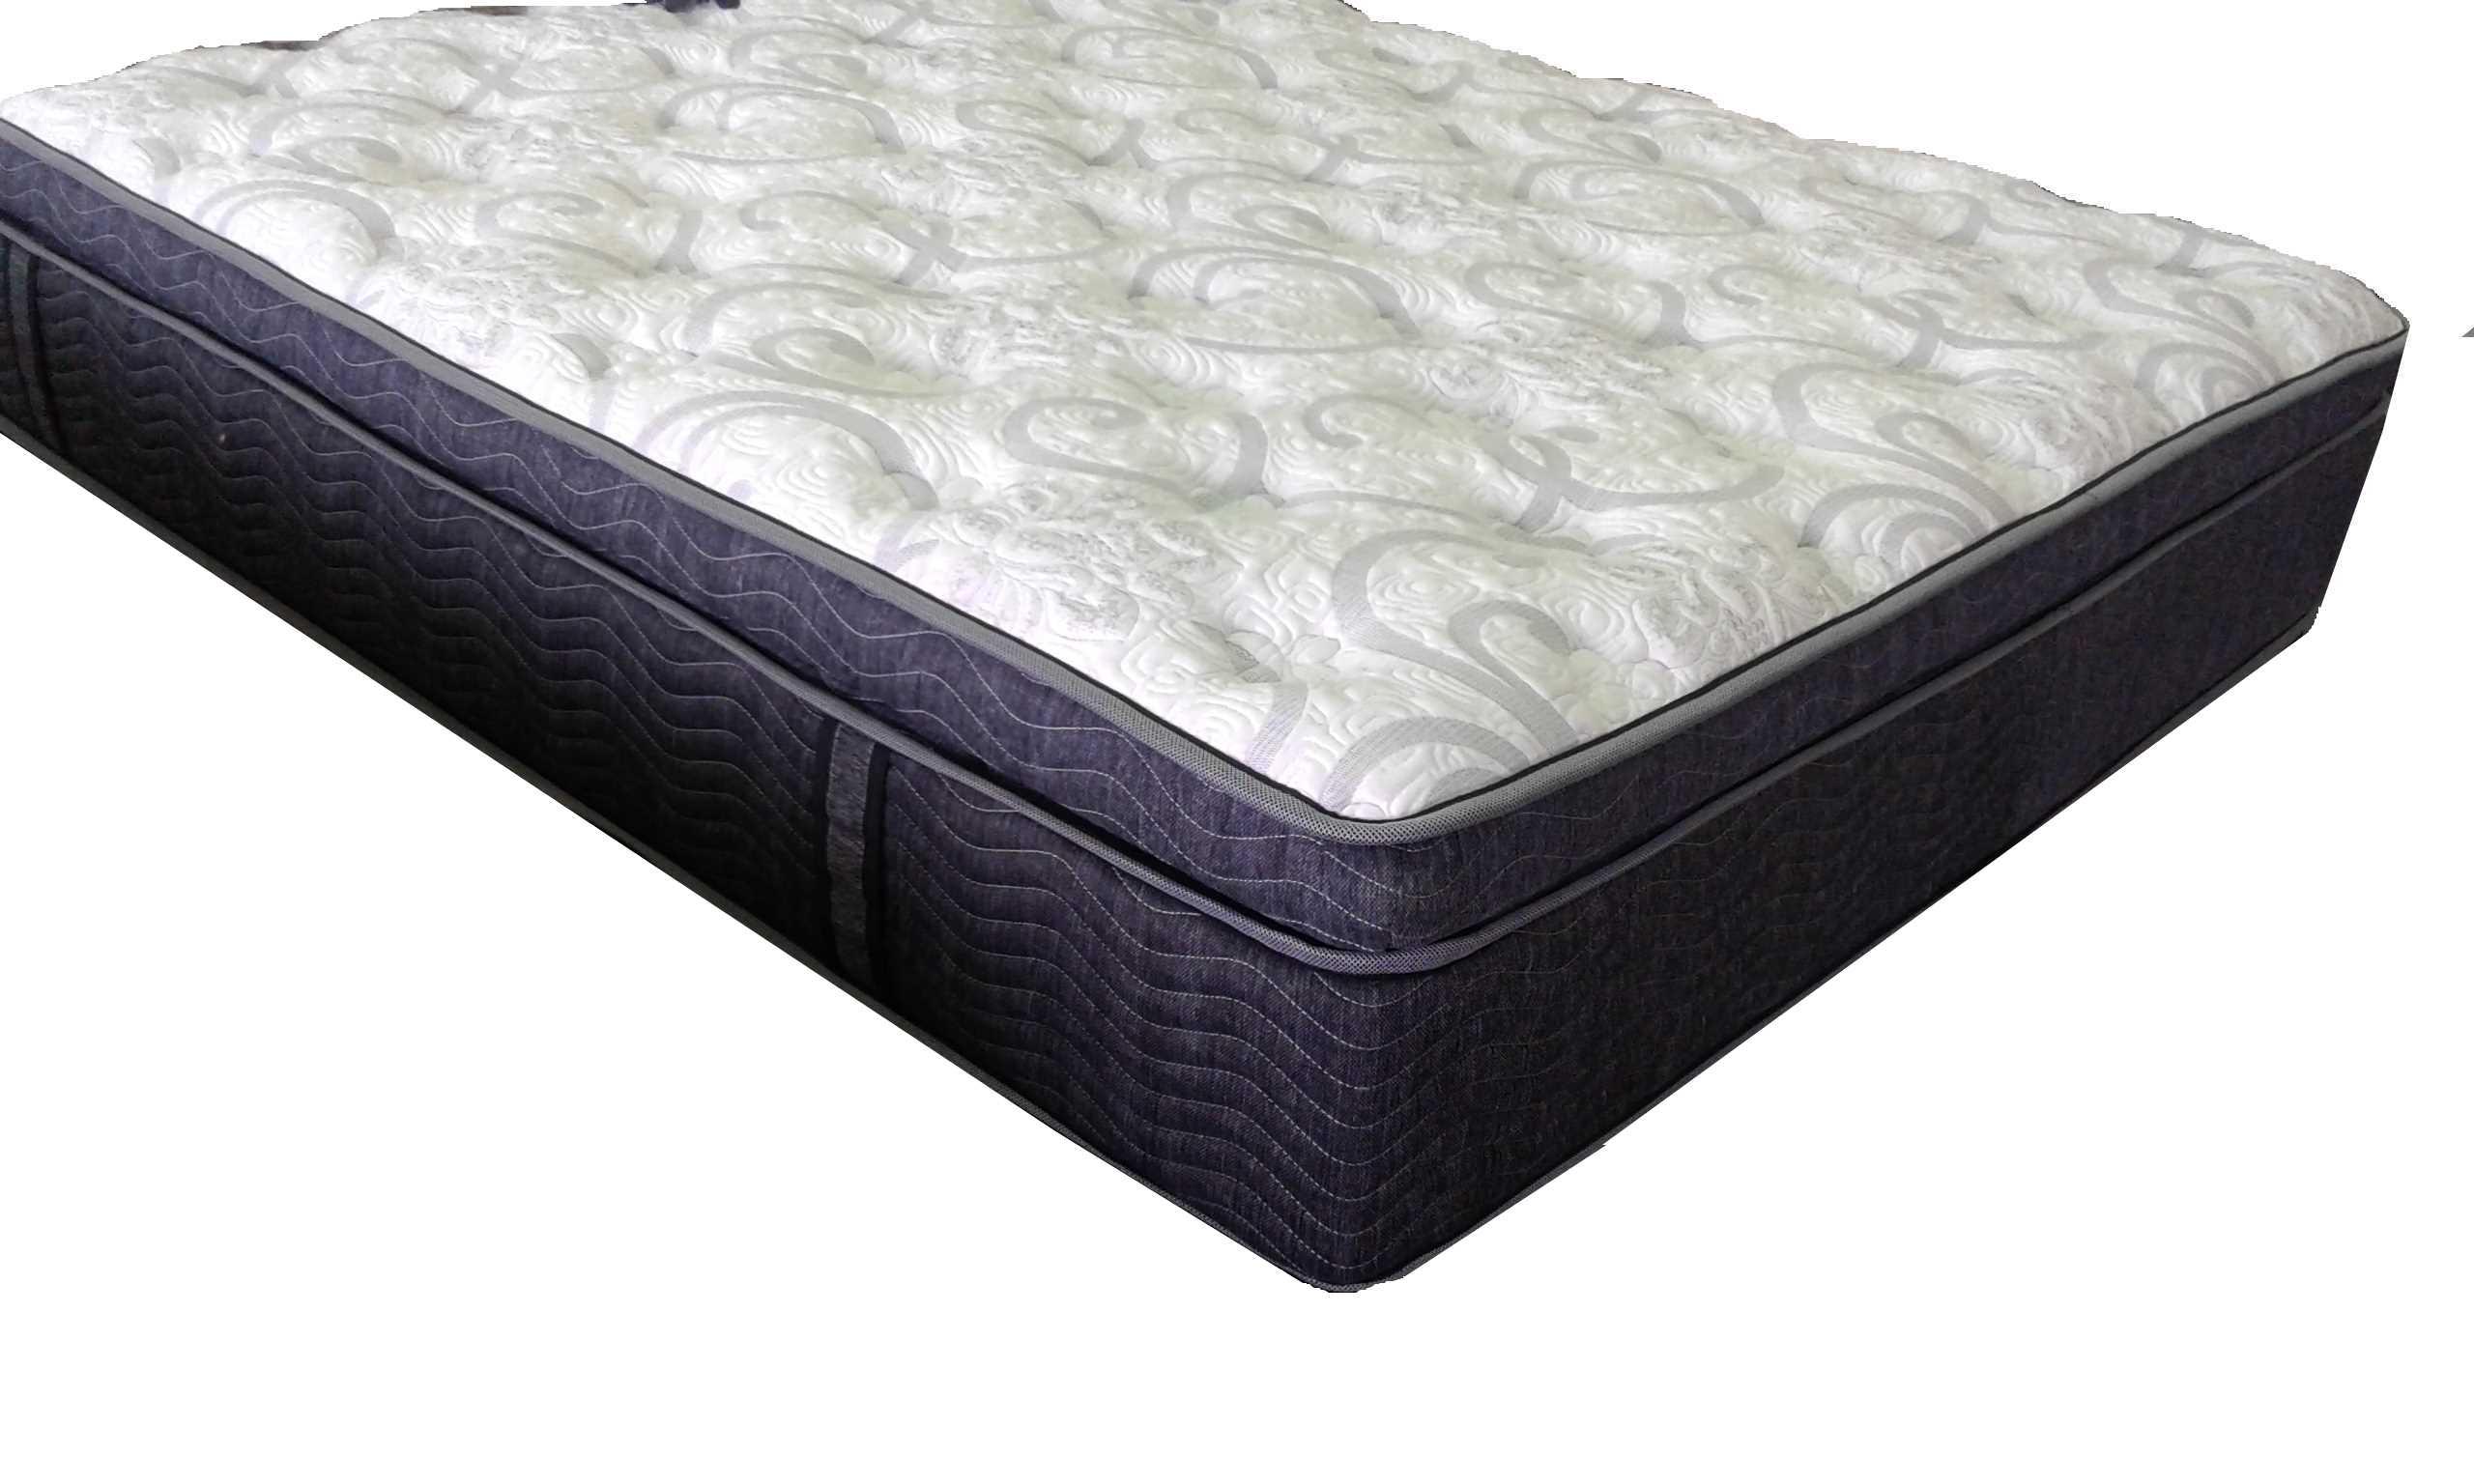 view top jsp queen mattress rc futon sleep willey mattresses futons pillow inc size richmond rcwilley